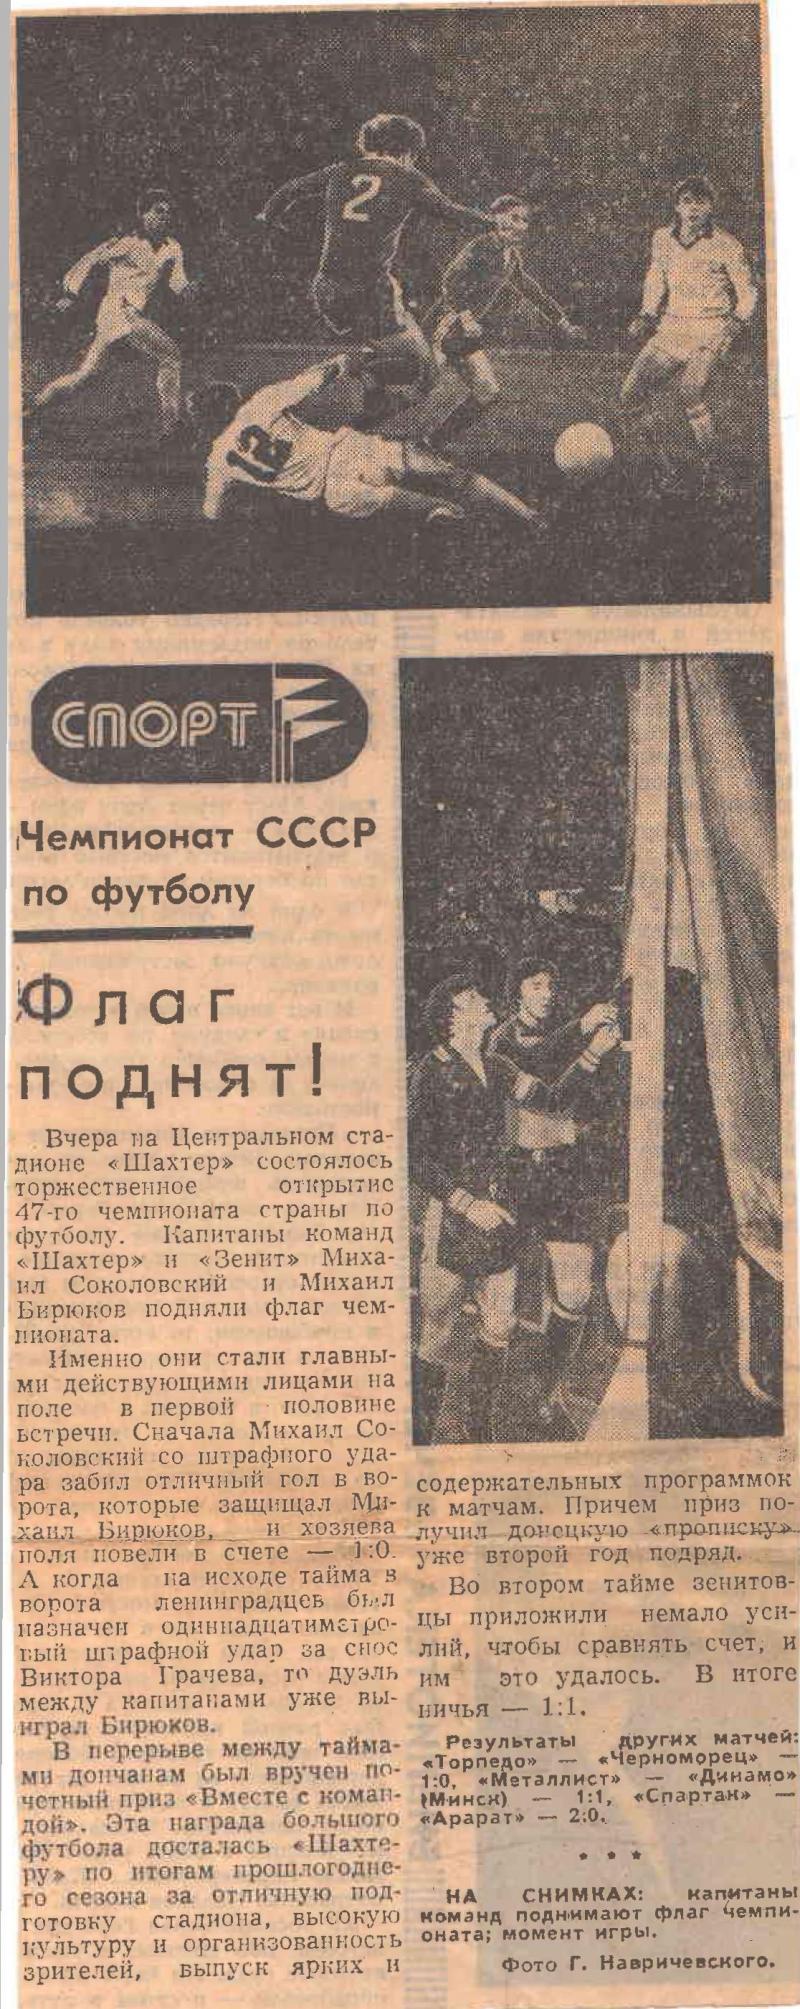 Шахтер (Донецк) - Зенит (Ленинград) 1:1. Нажмите, чтобы посмотреть истинный размер рисунка